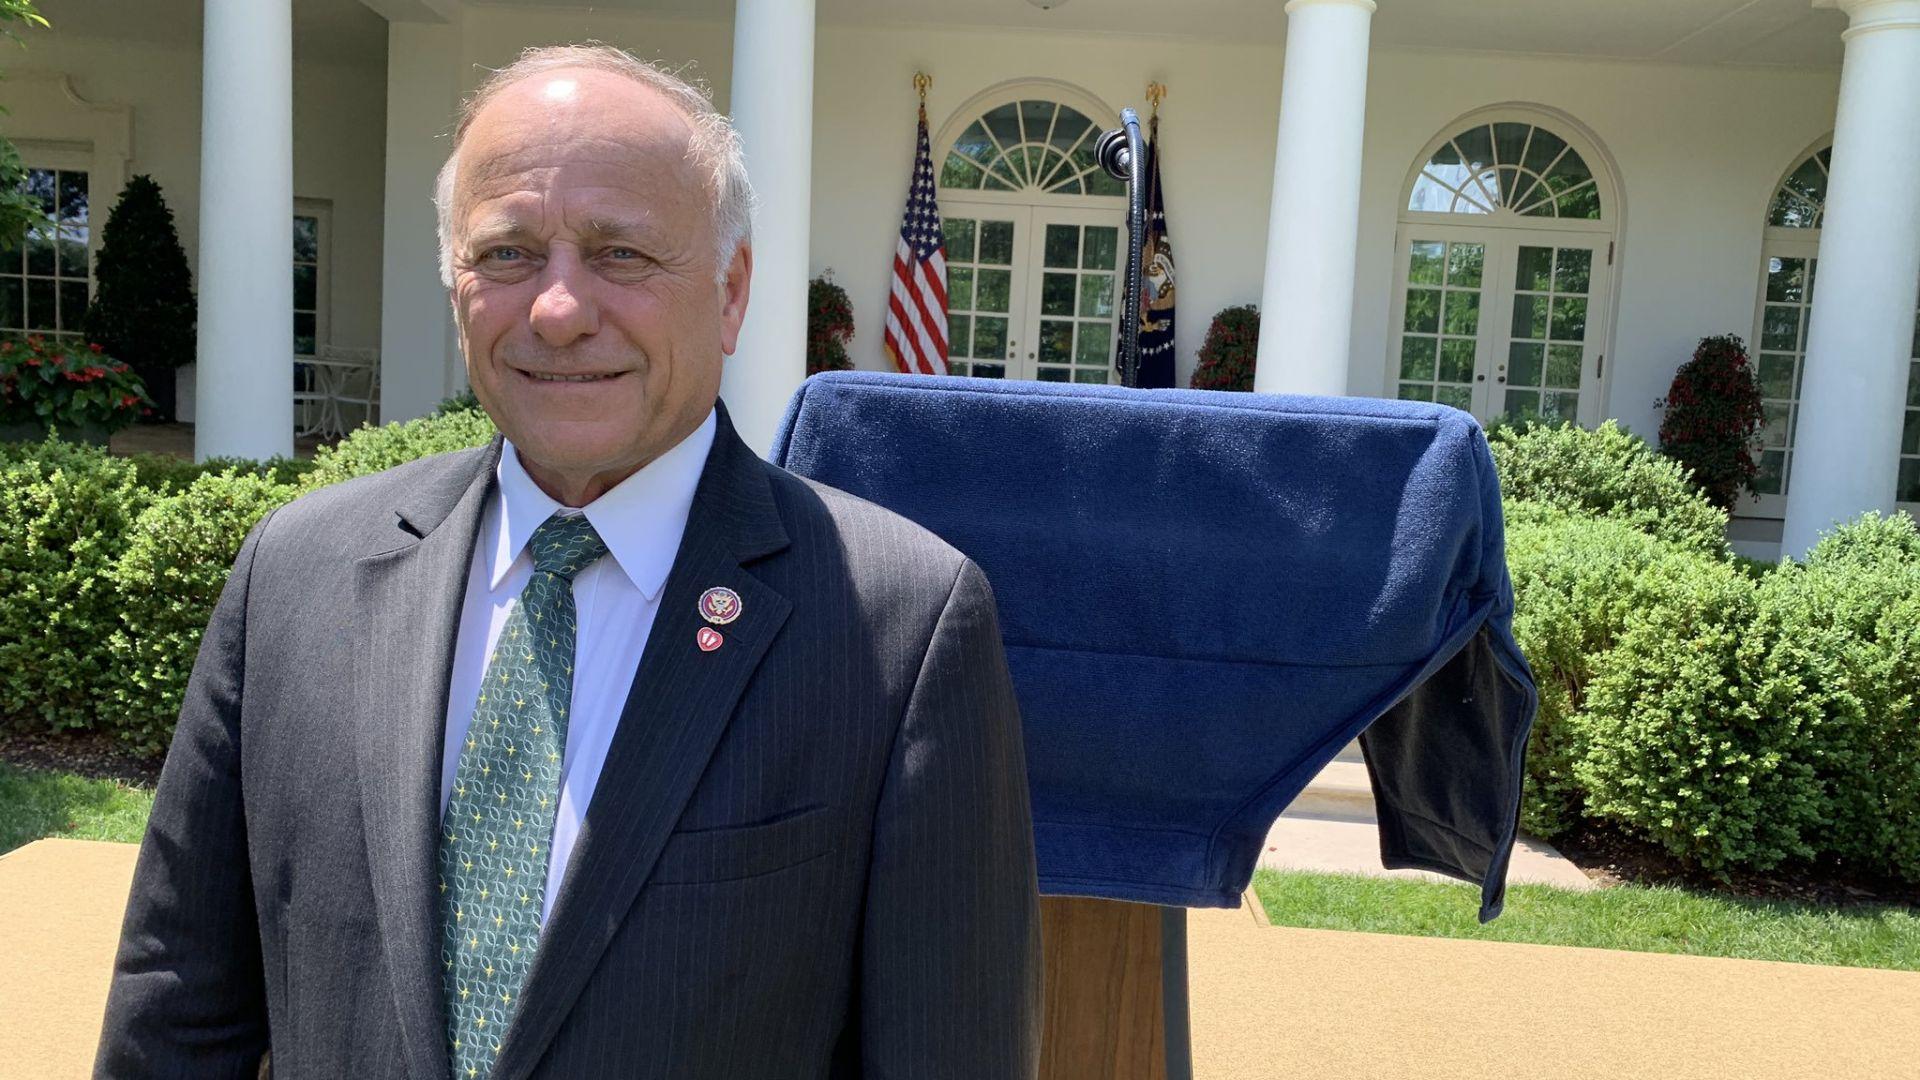 Конгресмен от САЩ предлага забрана на абортите: Нямаше да ни има без инцест и изнасилвания